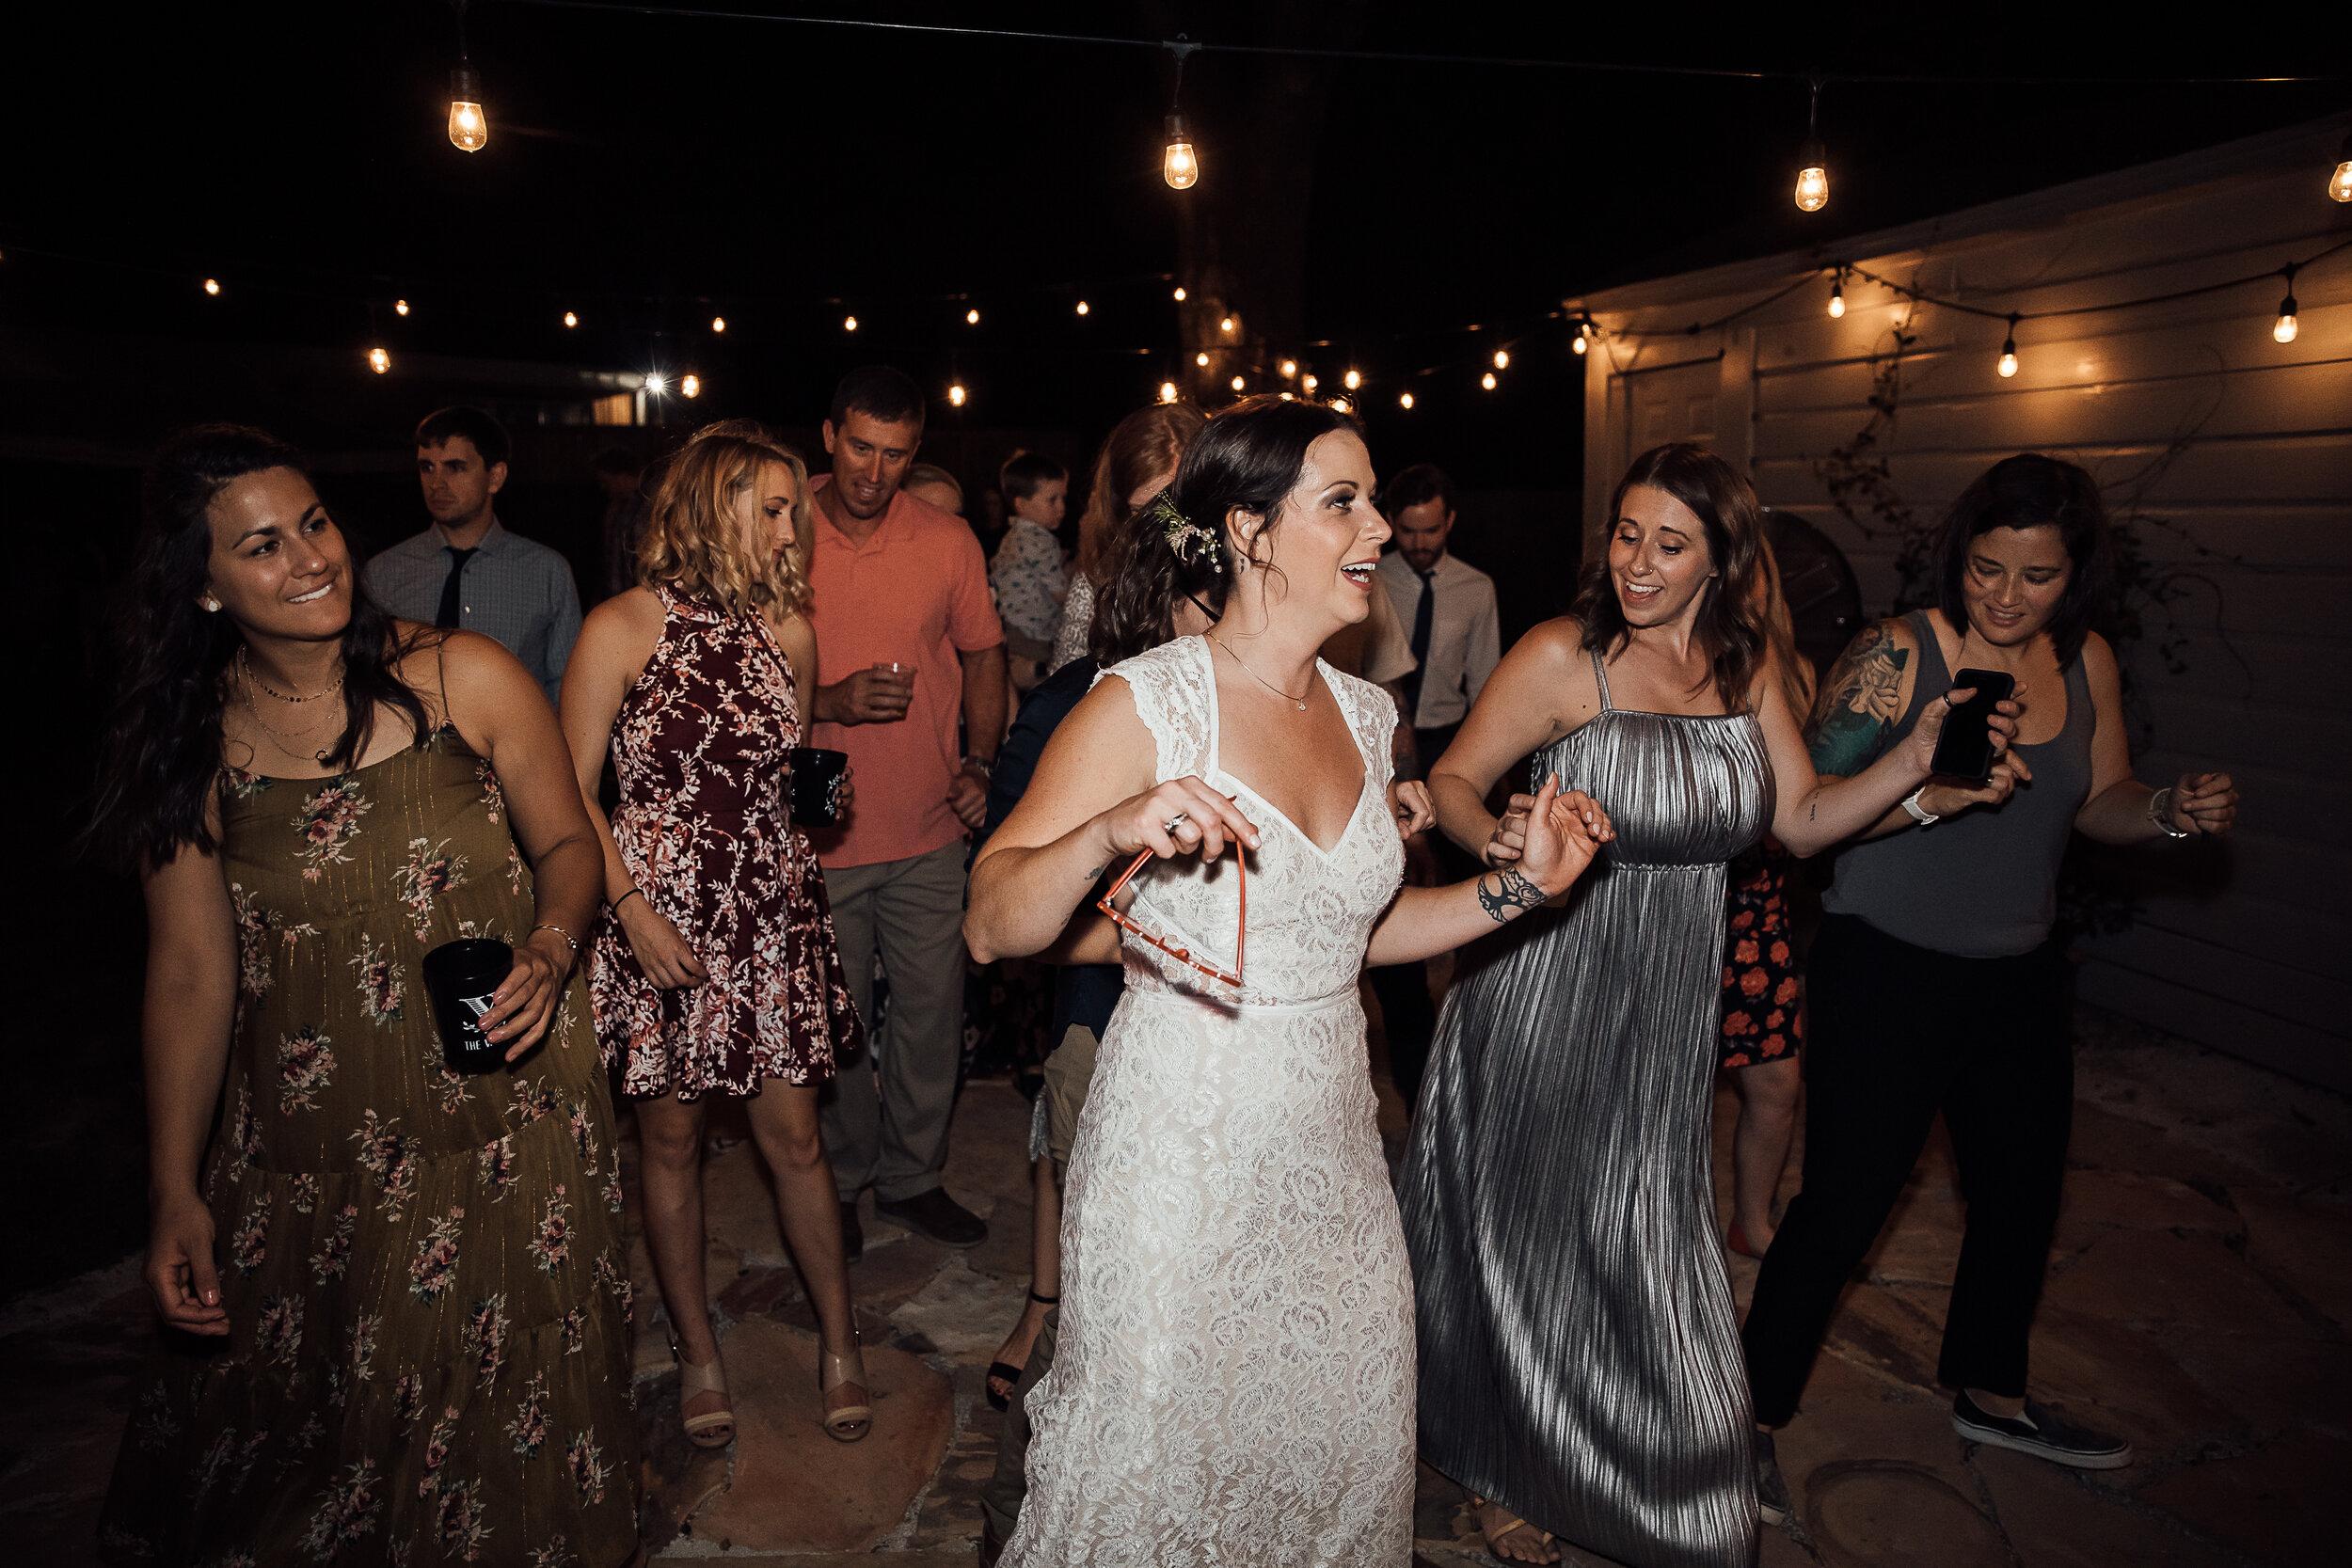 Allison-and-Wesley-Memphis-Backyard-Wedding-TheWarmthAroundYou-83.jpg